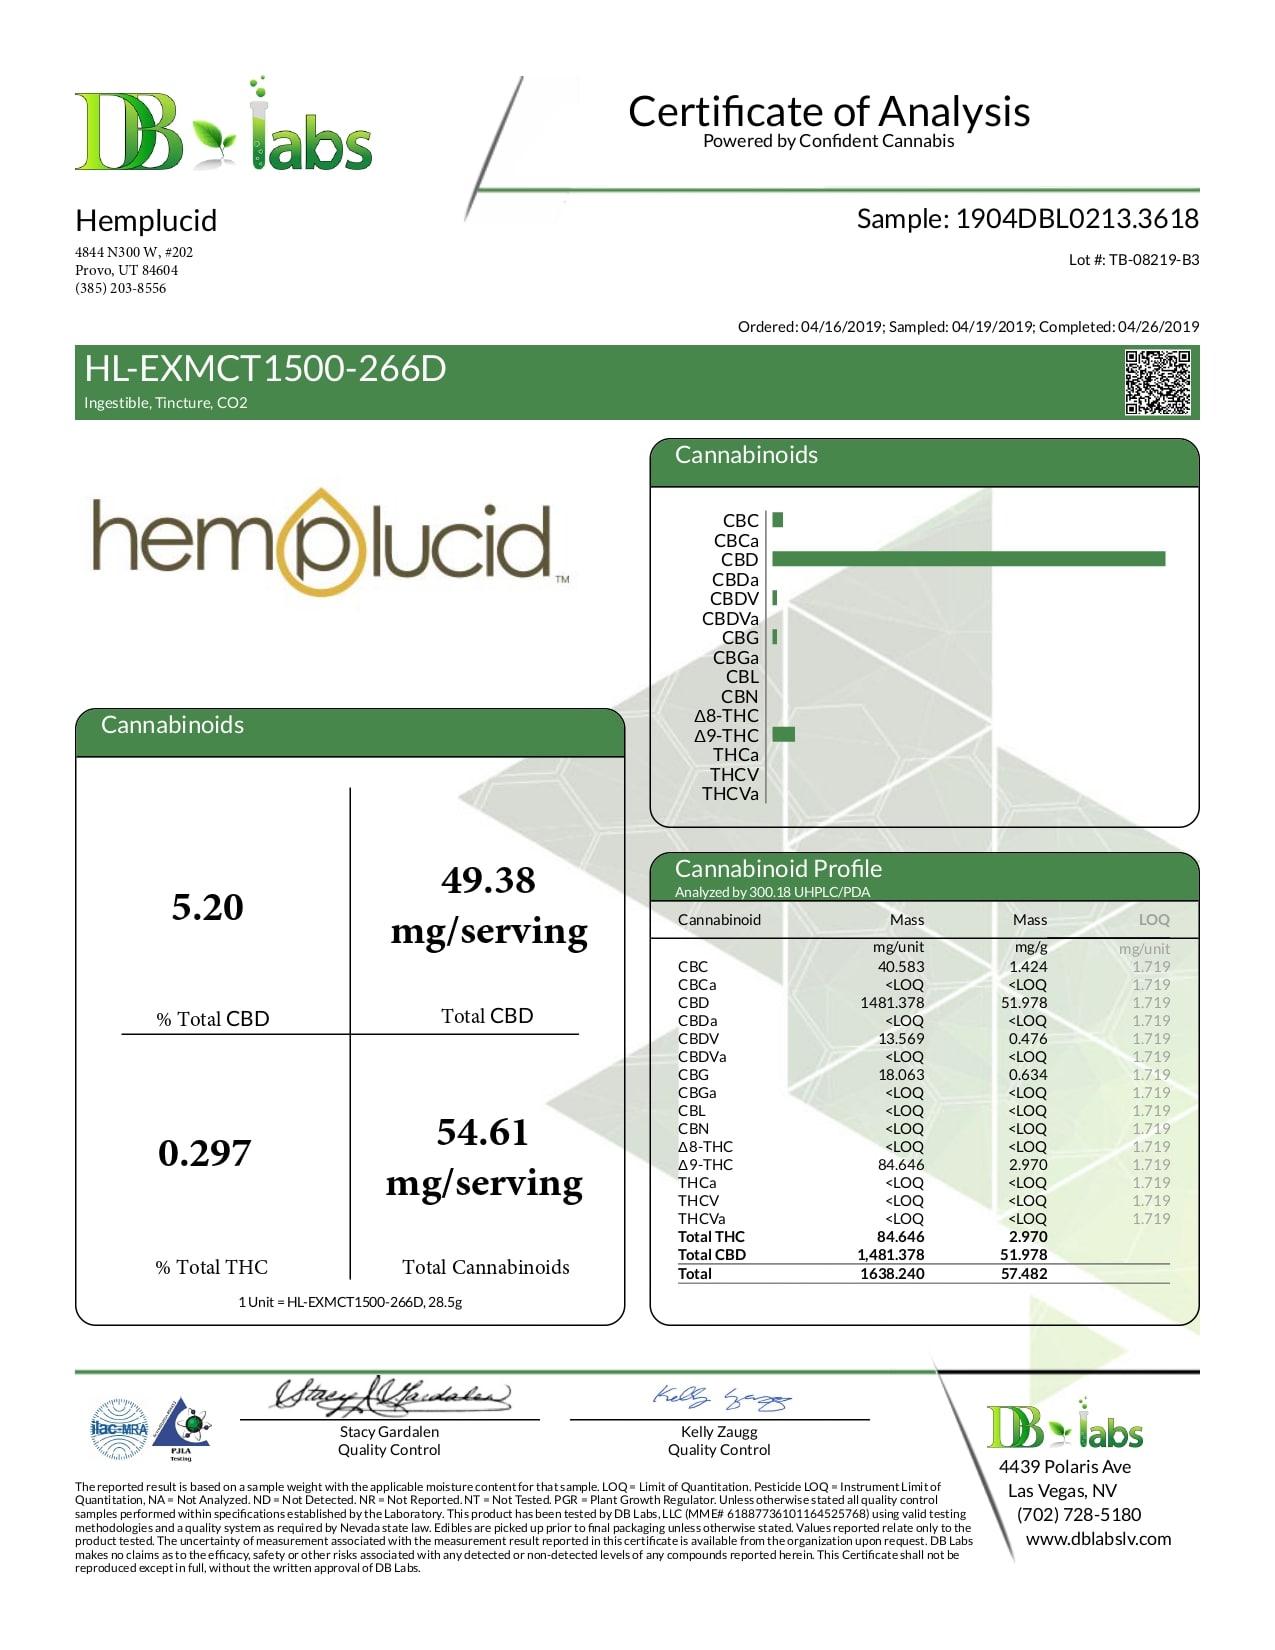 Hemplucid Full Spectrum CBD in MCT Oil 1500mg Lab Report